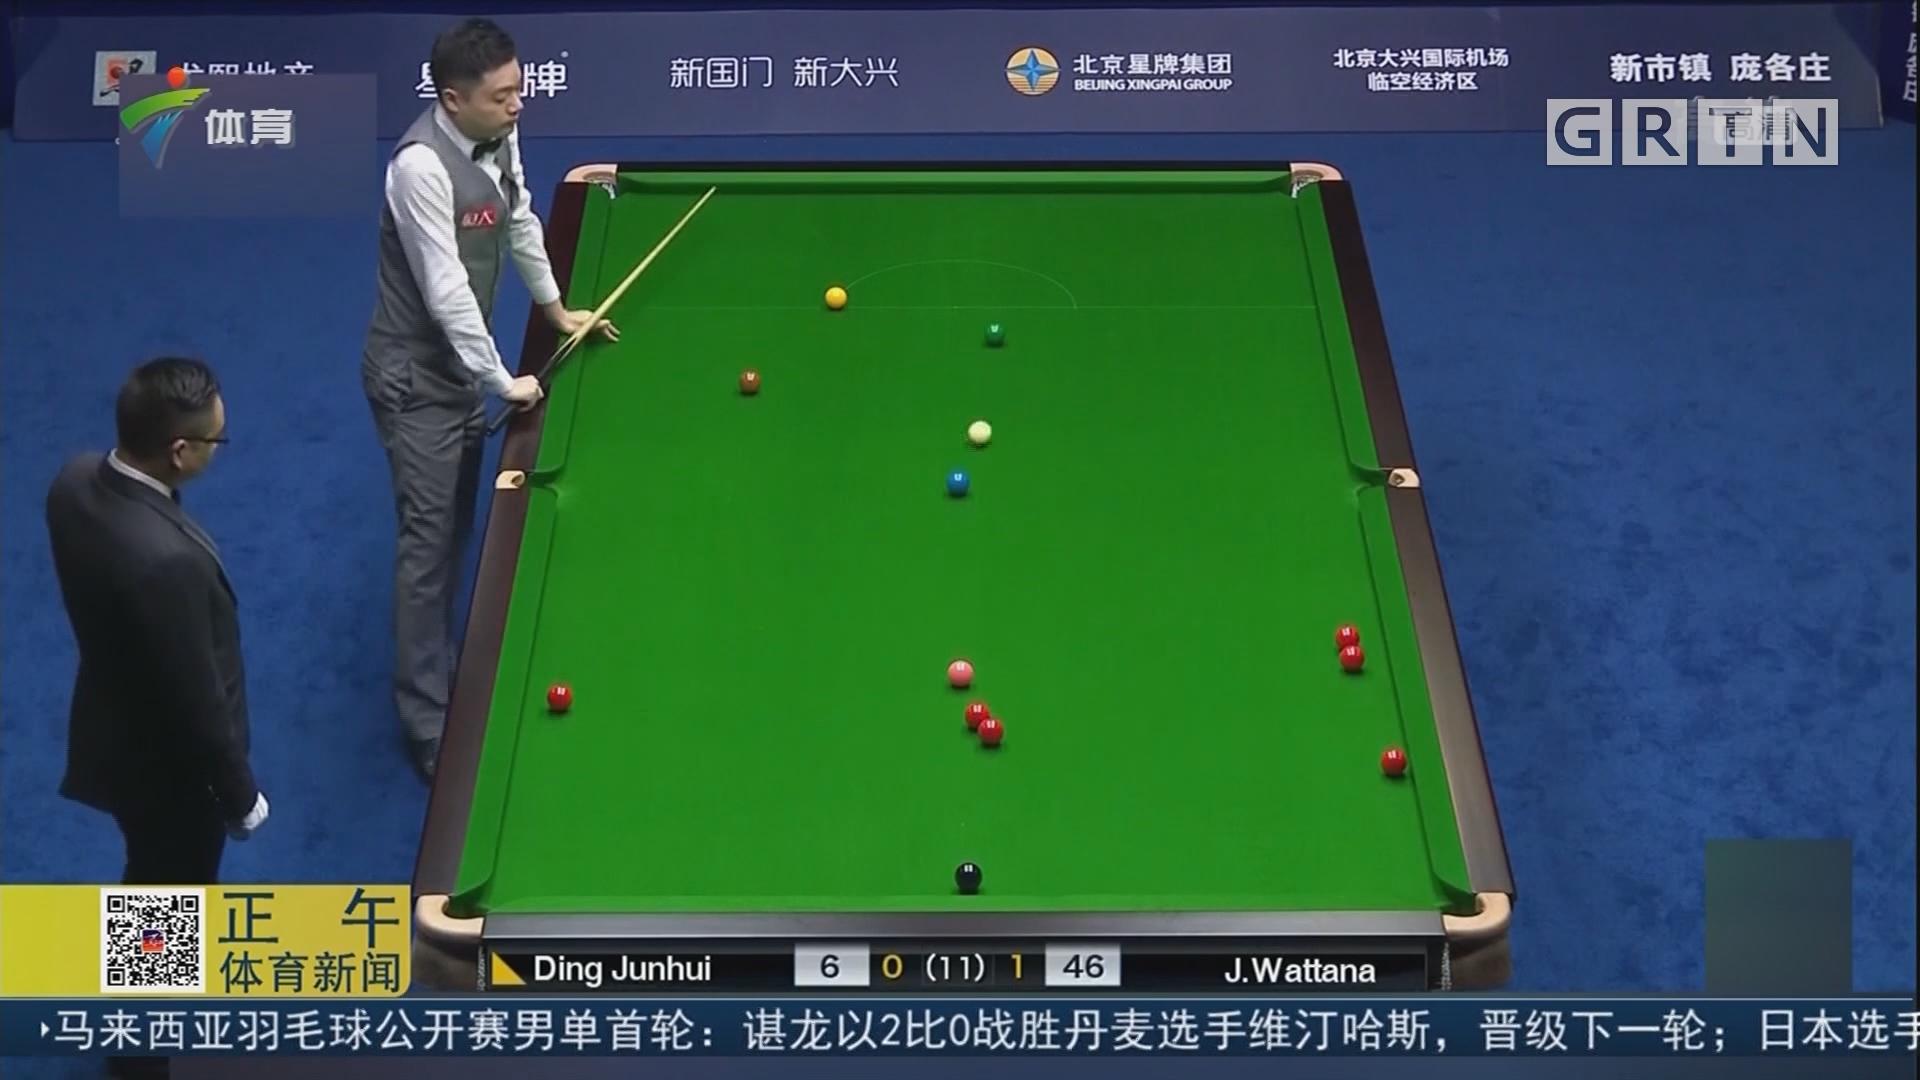 斯诺克中国赛 丁俊晖不敌瓦塔纳首轮出局